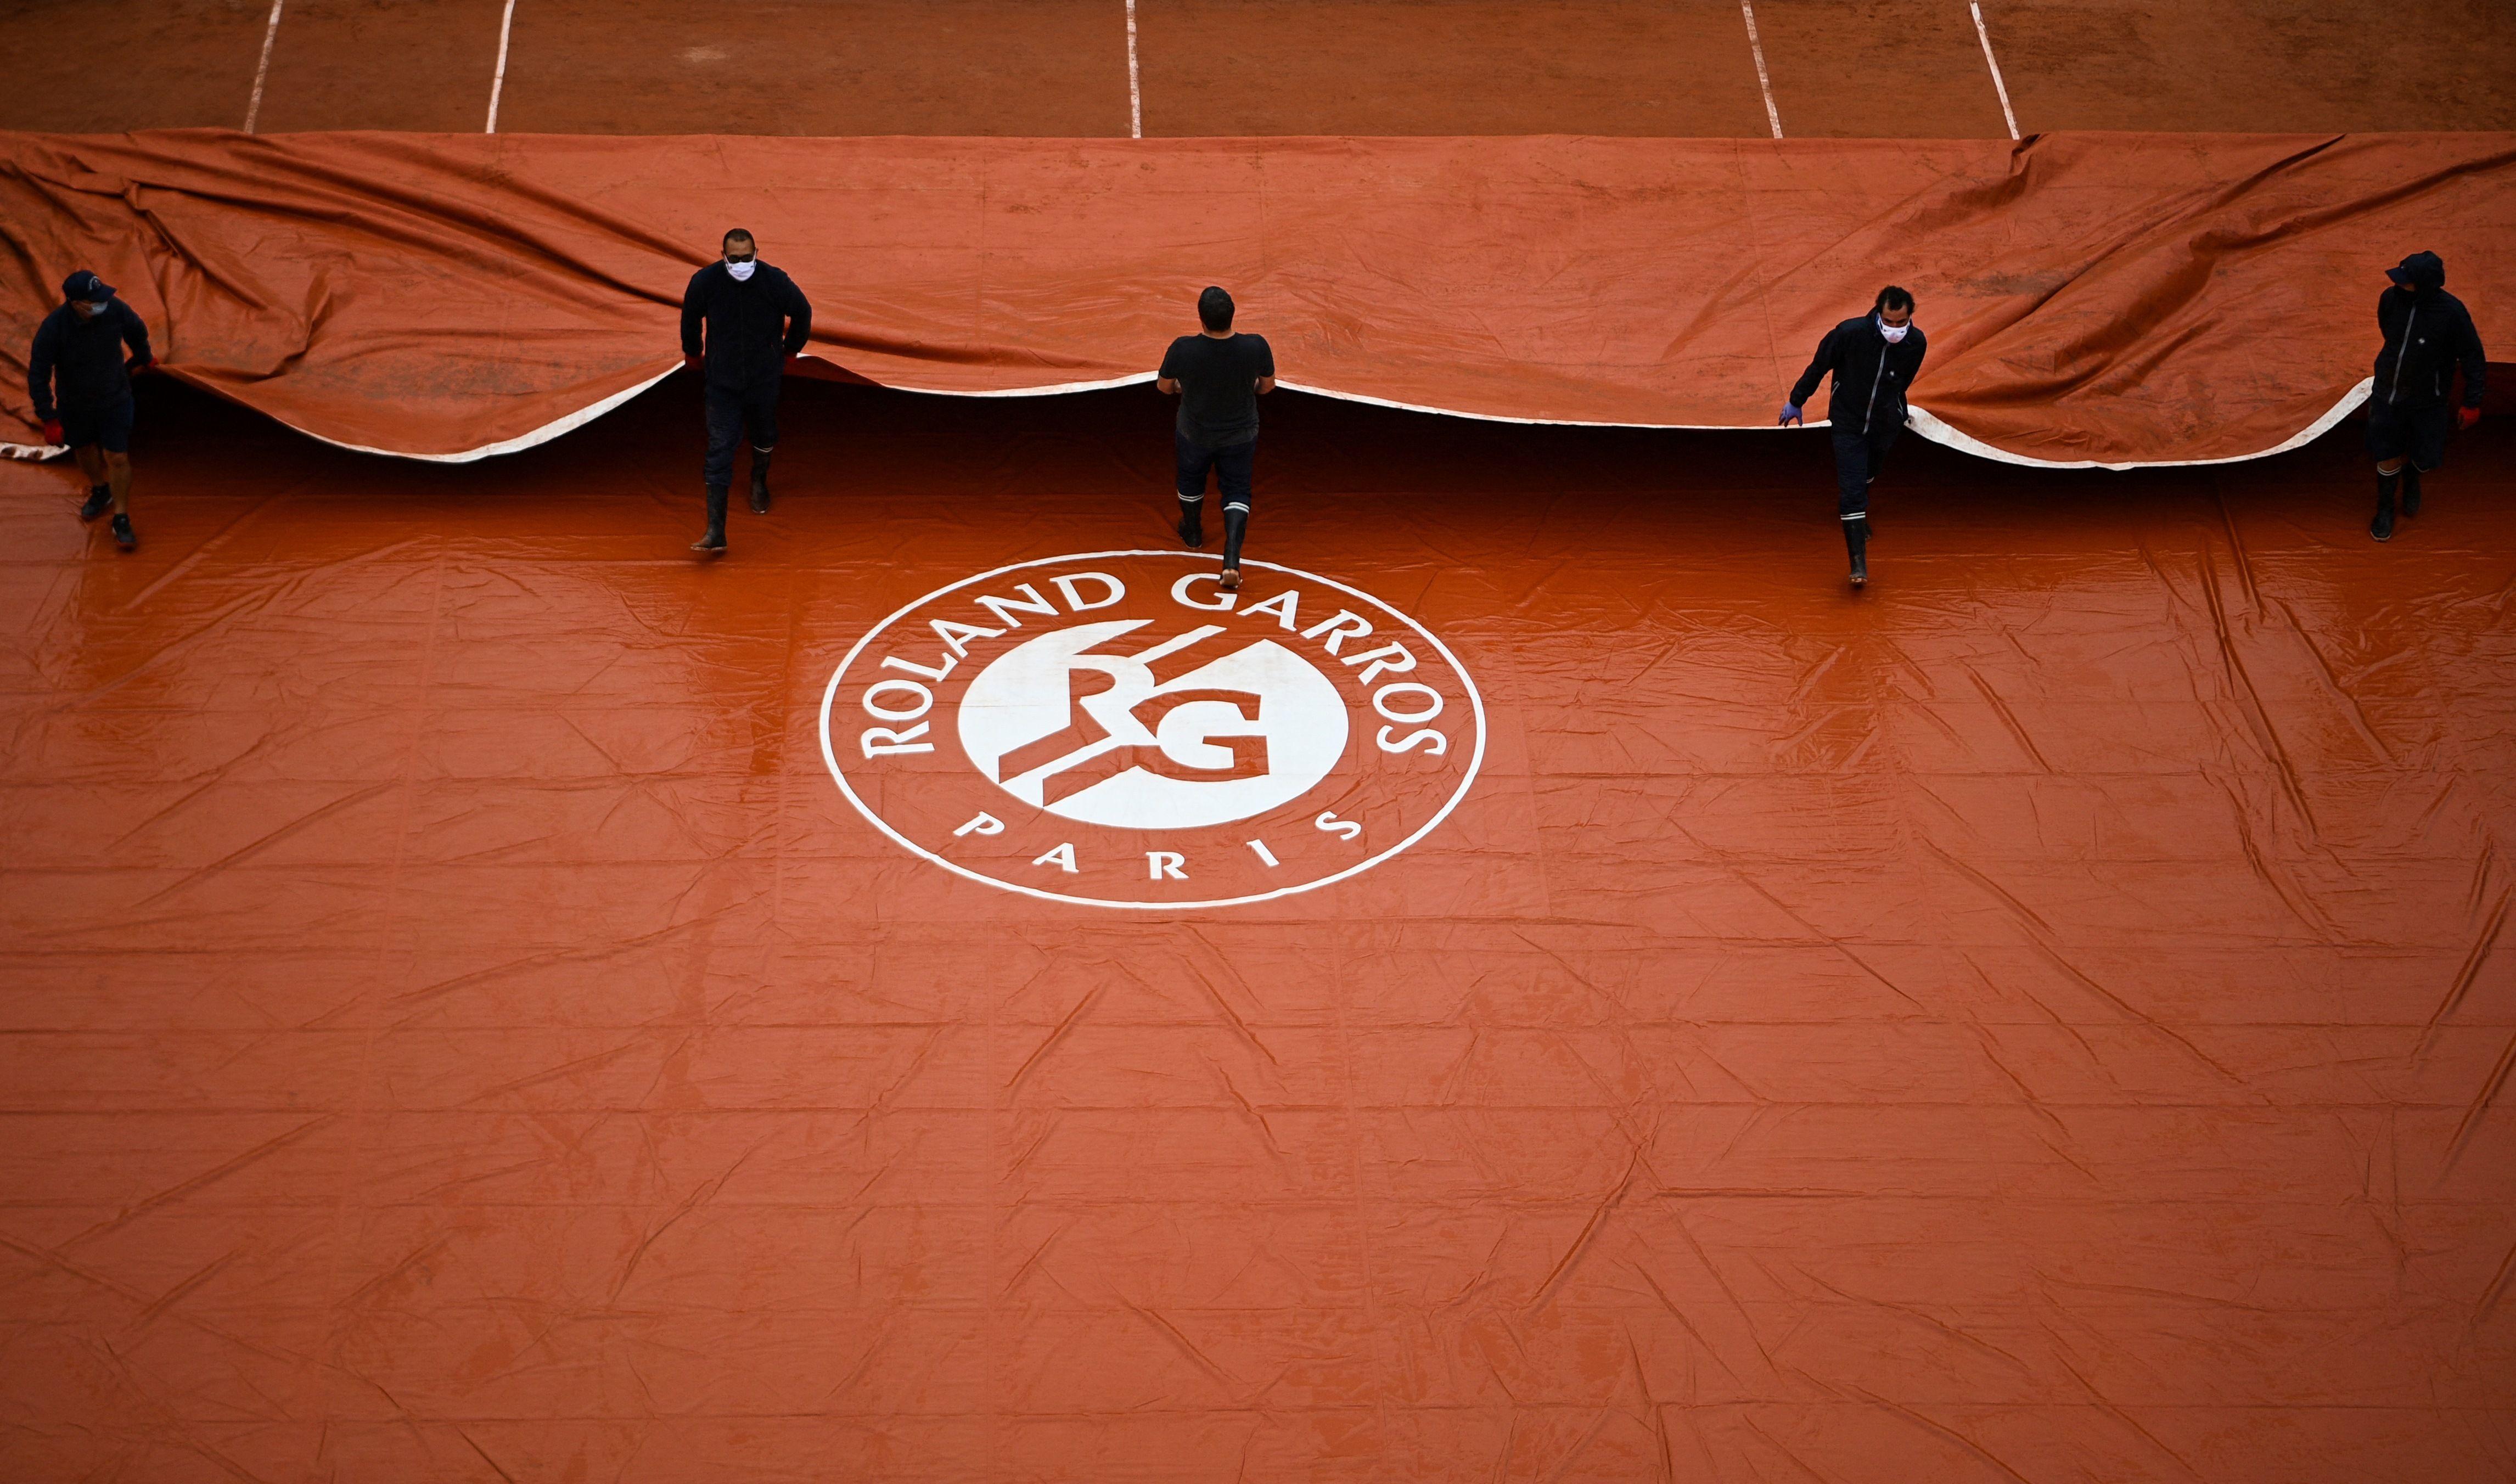 La date de Roland-Garros 2021 reportée d'une semaine face au Covid-19 (photo du 28 septembre